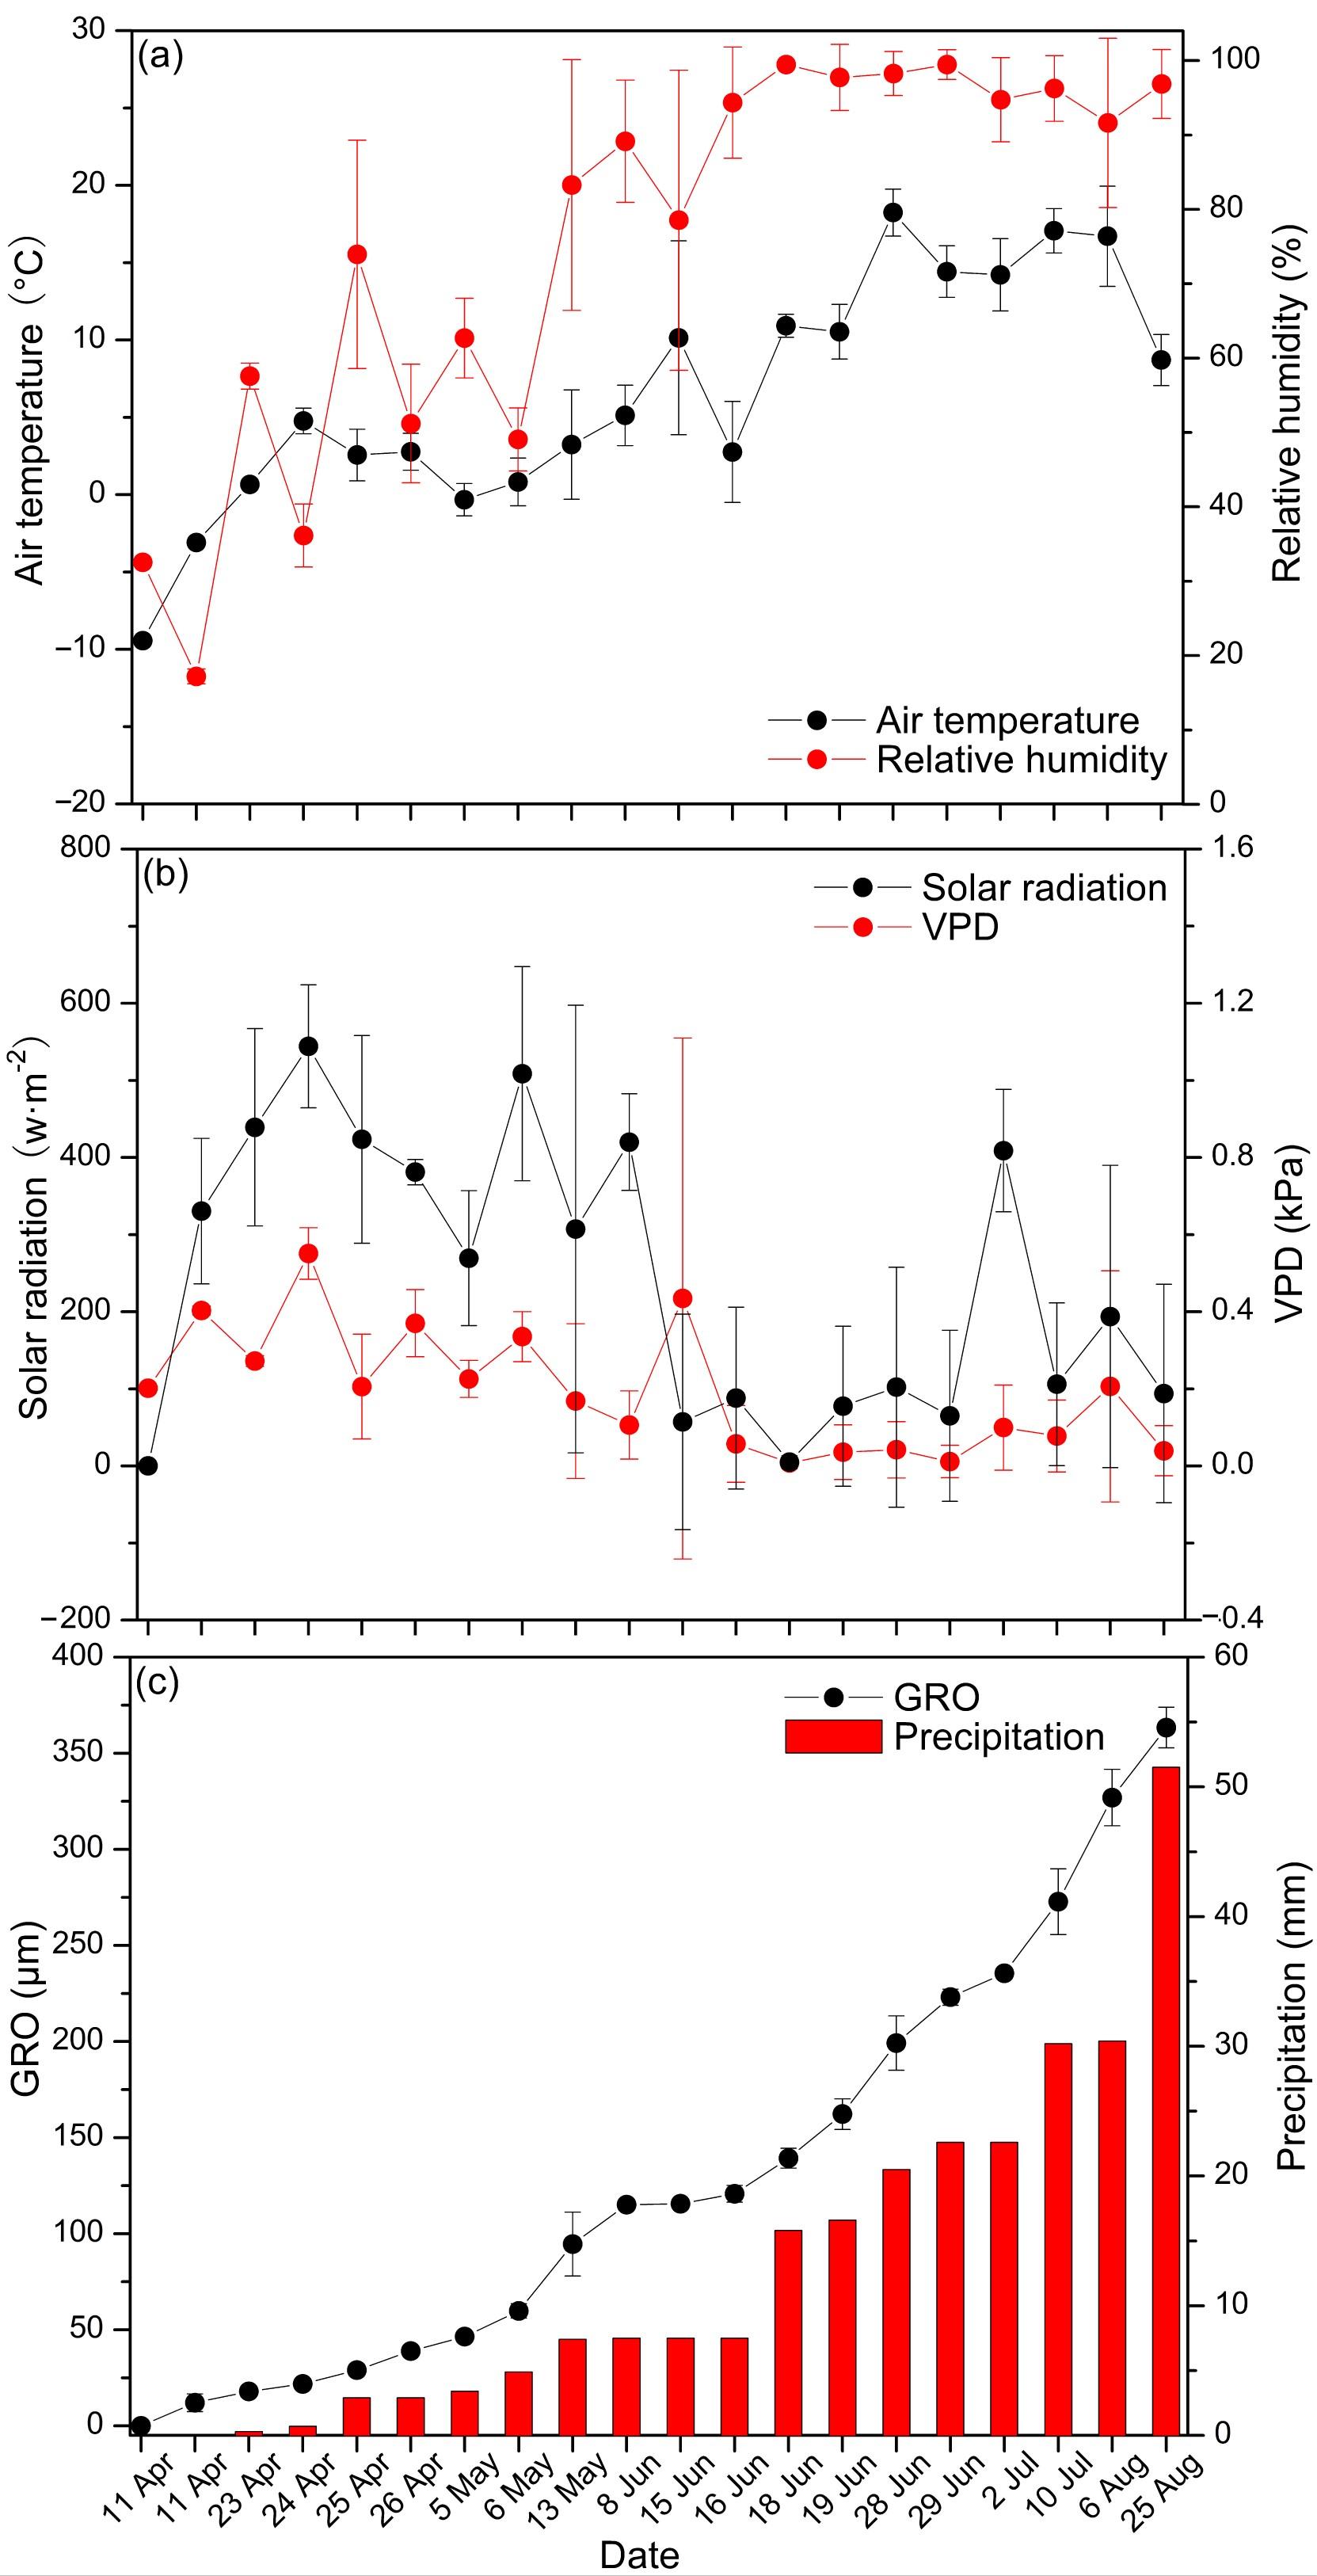 图2 水热因子与不可逆径胀大(GRO)的生长季时段变化特征。(a)气温(Ta)与空气相对湿度(RH),(b)太阳辐射(SR)与饱和水汽压差(VPD),(c)不可逆径胀大(GRO)与降雨量(P)在统计时段的变化特征。